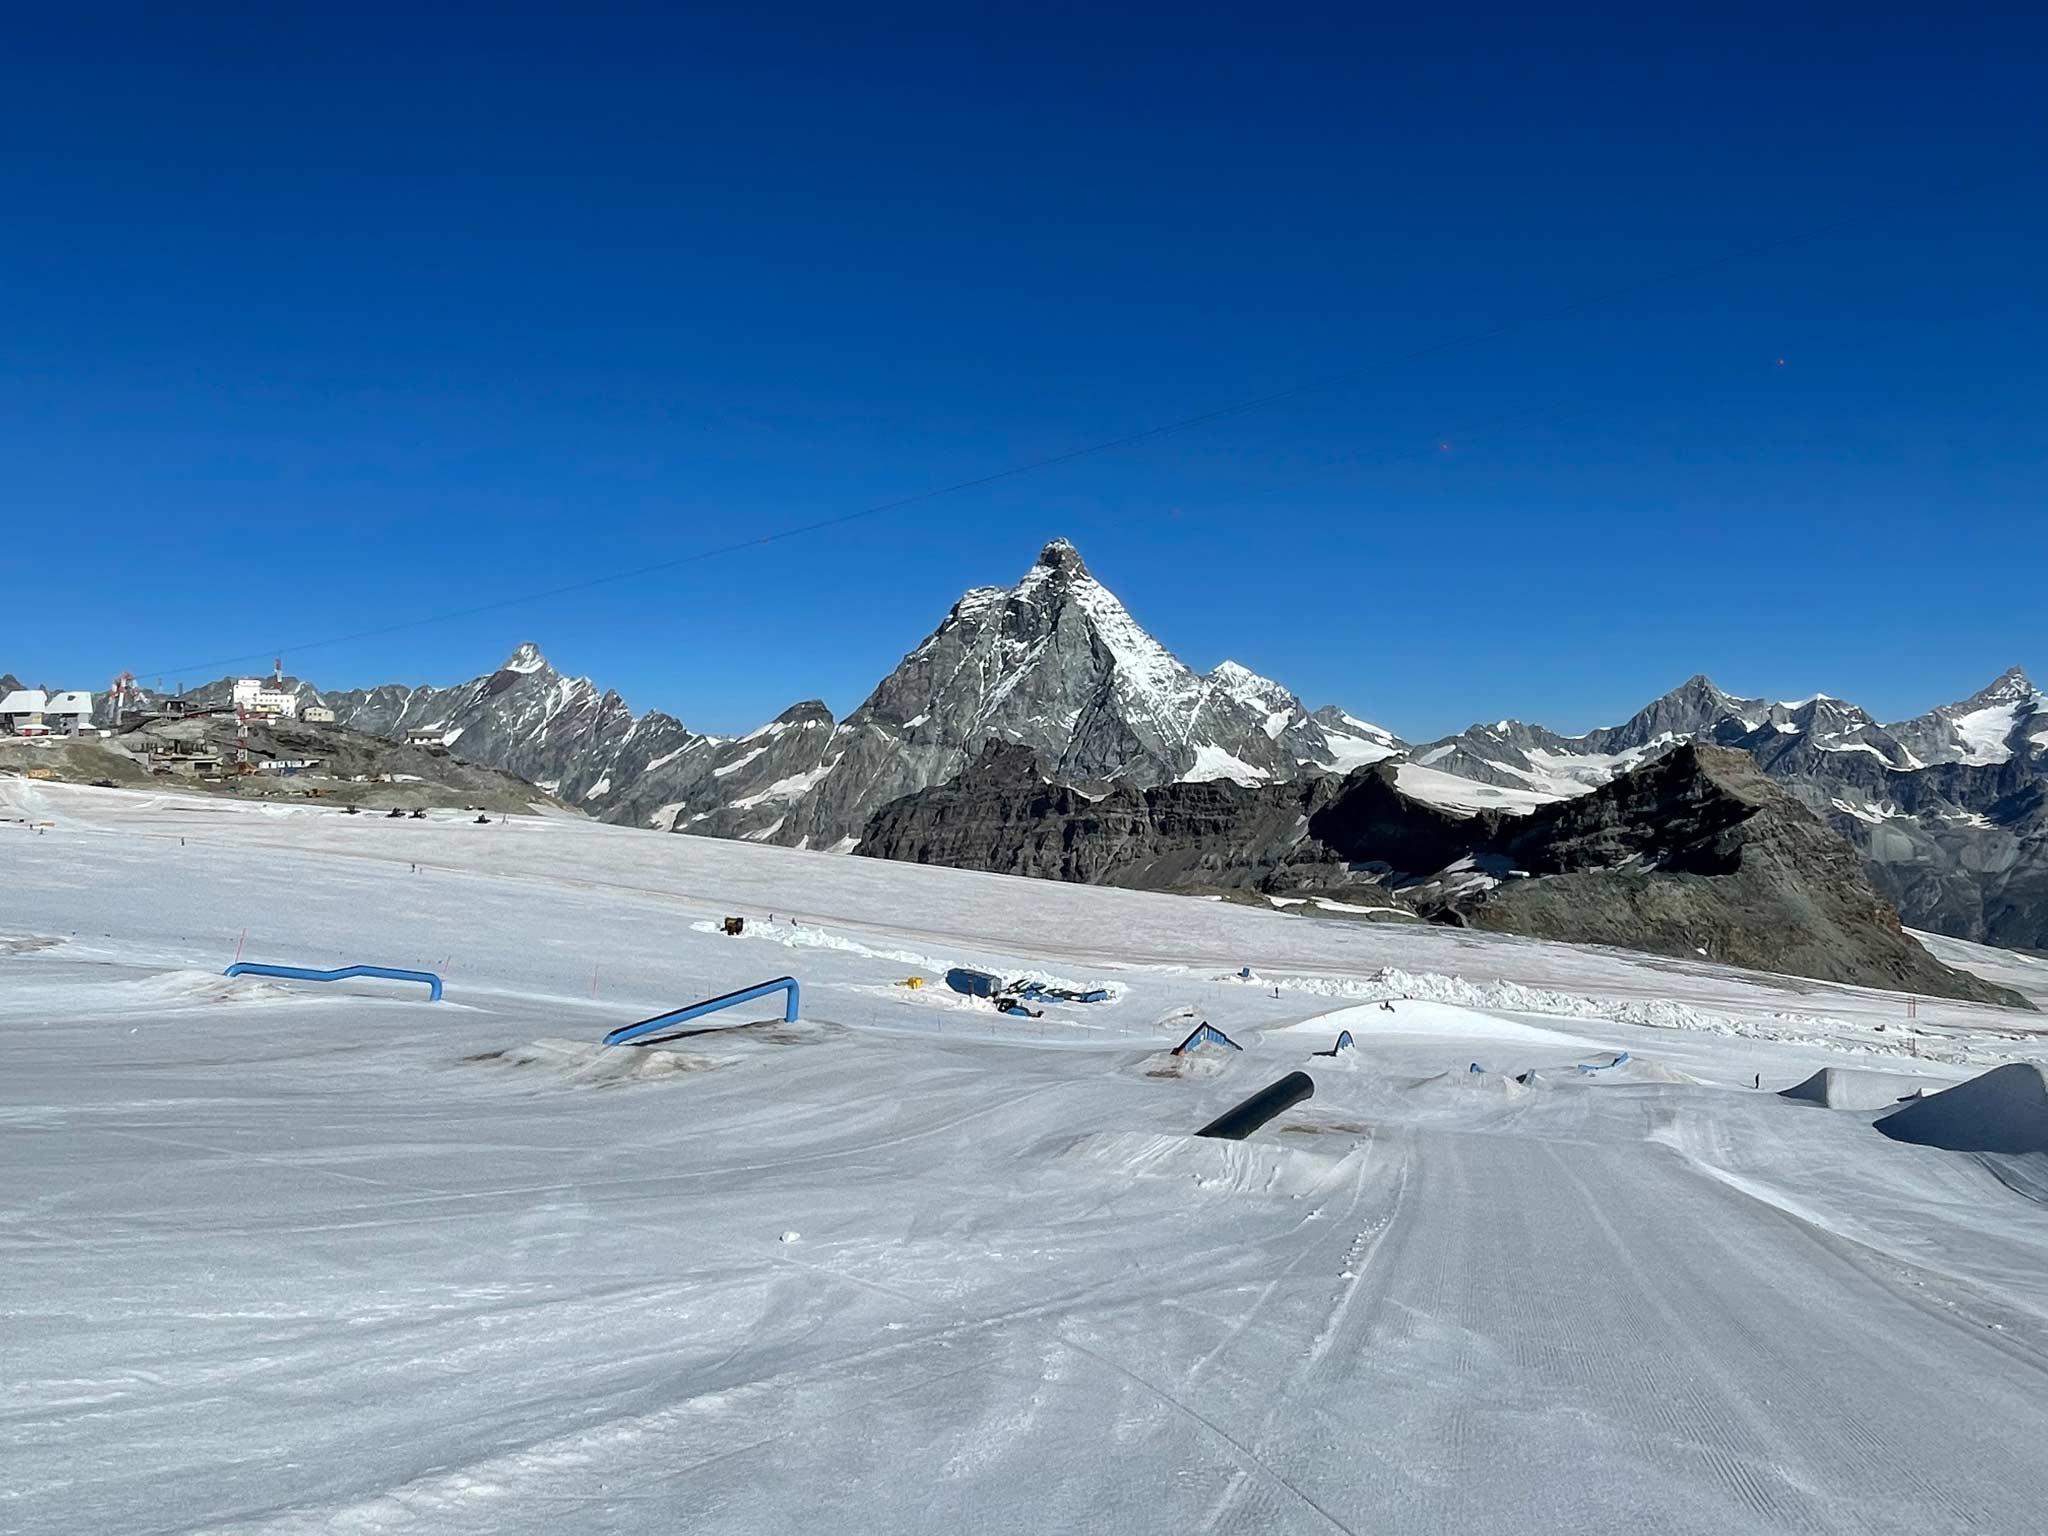 Snowpark Zermatt - Sommer Setup 2021